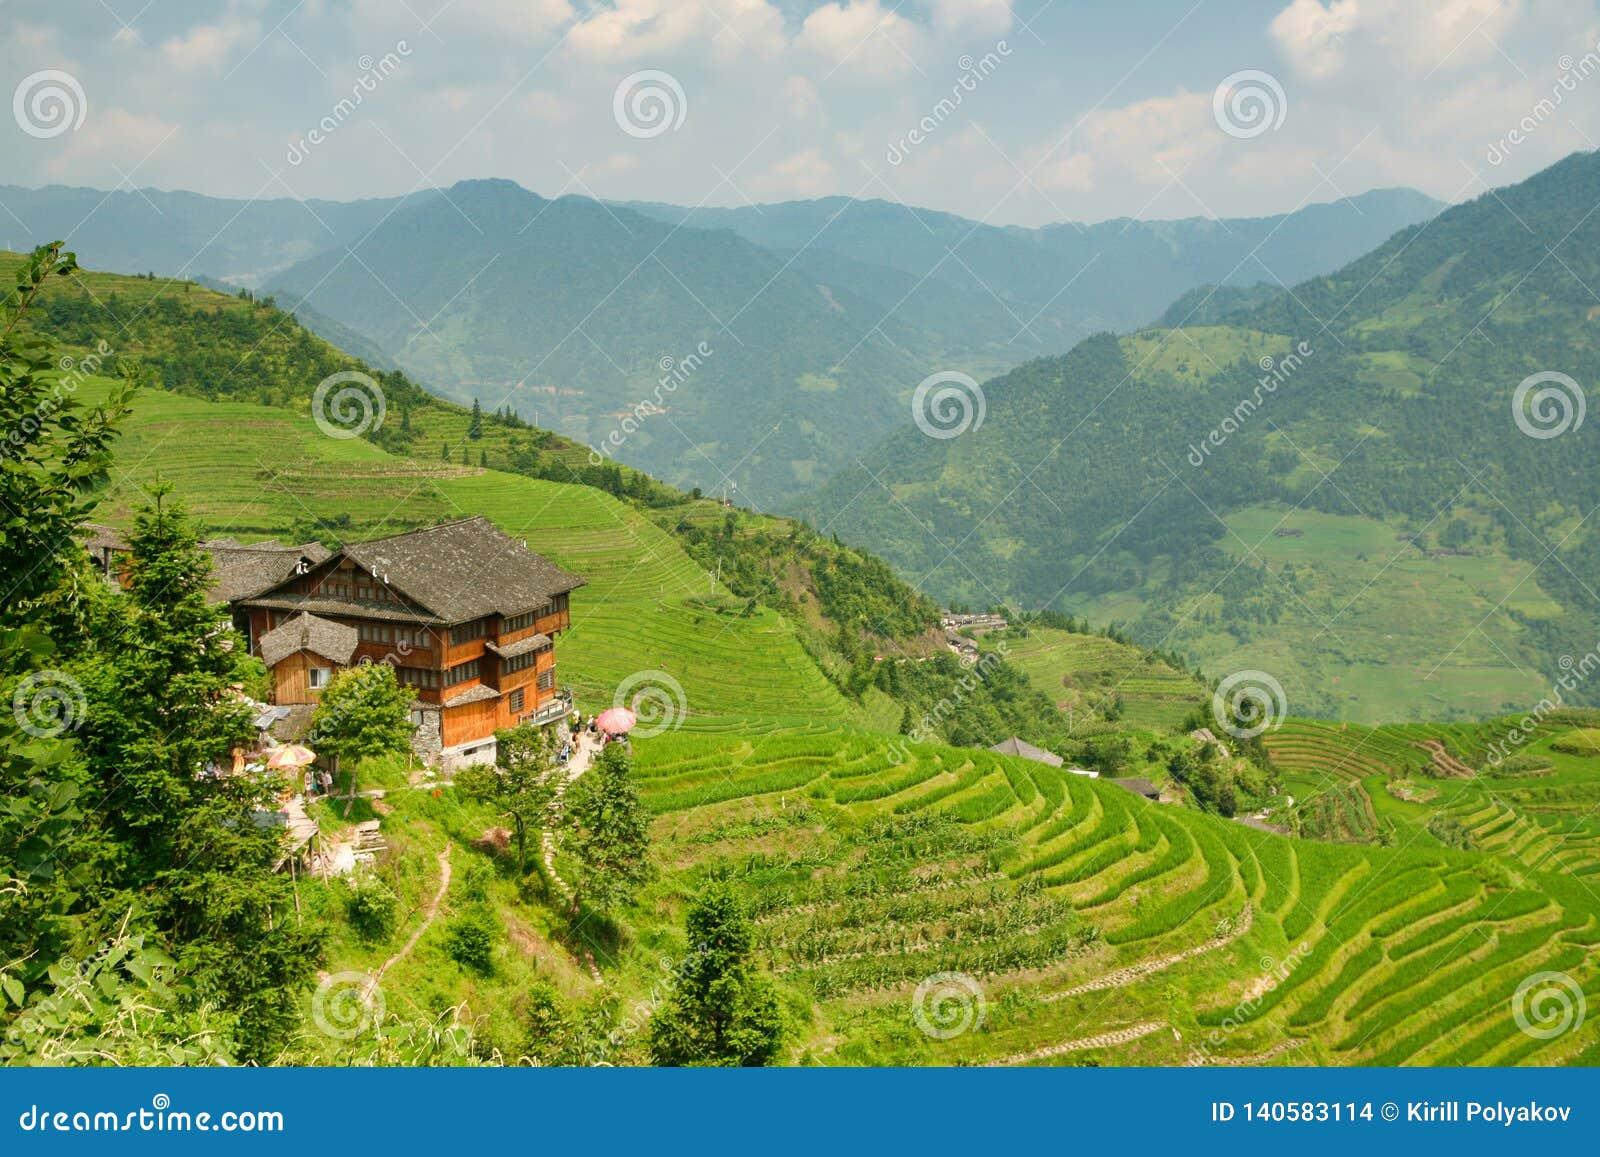 Belle vue des maisons du village de Dazhay, de terrasses de riz et de montagnes